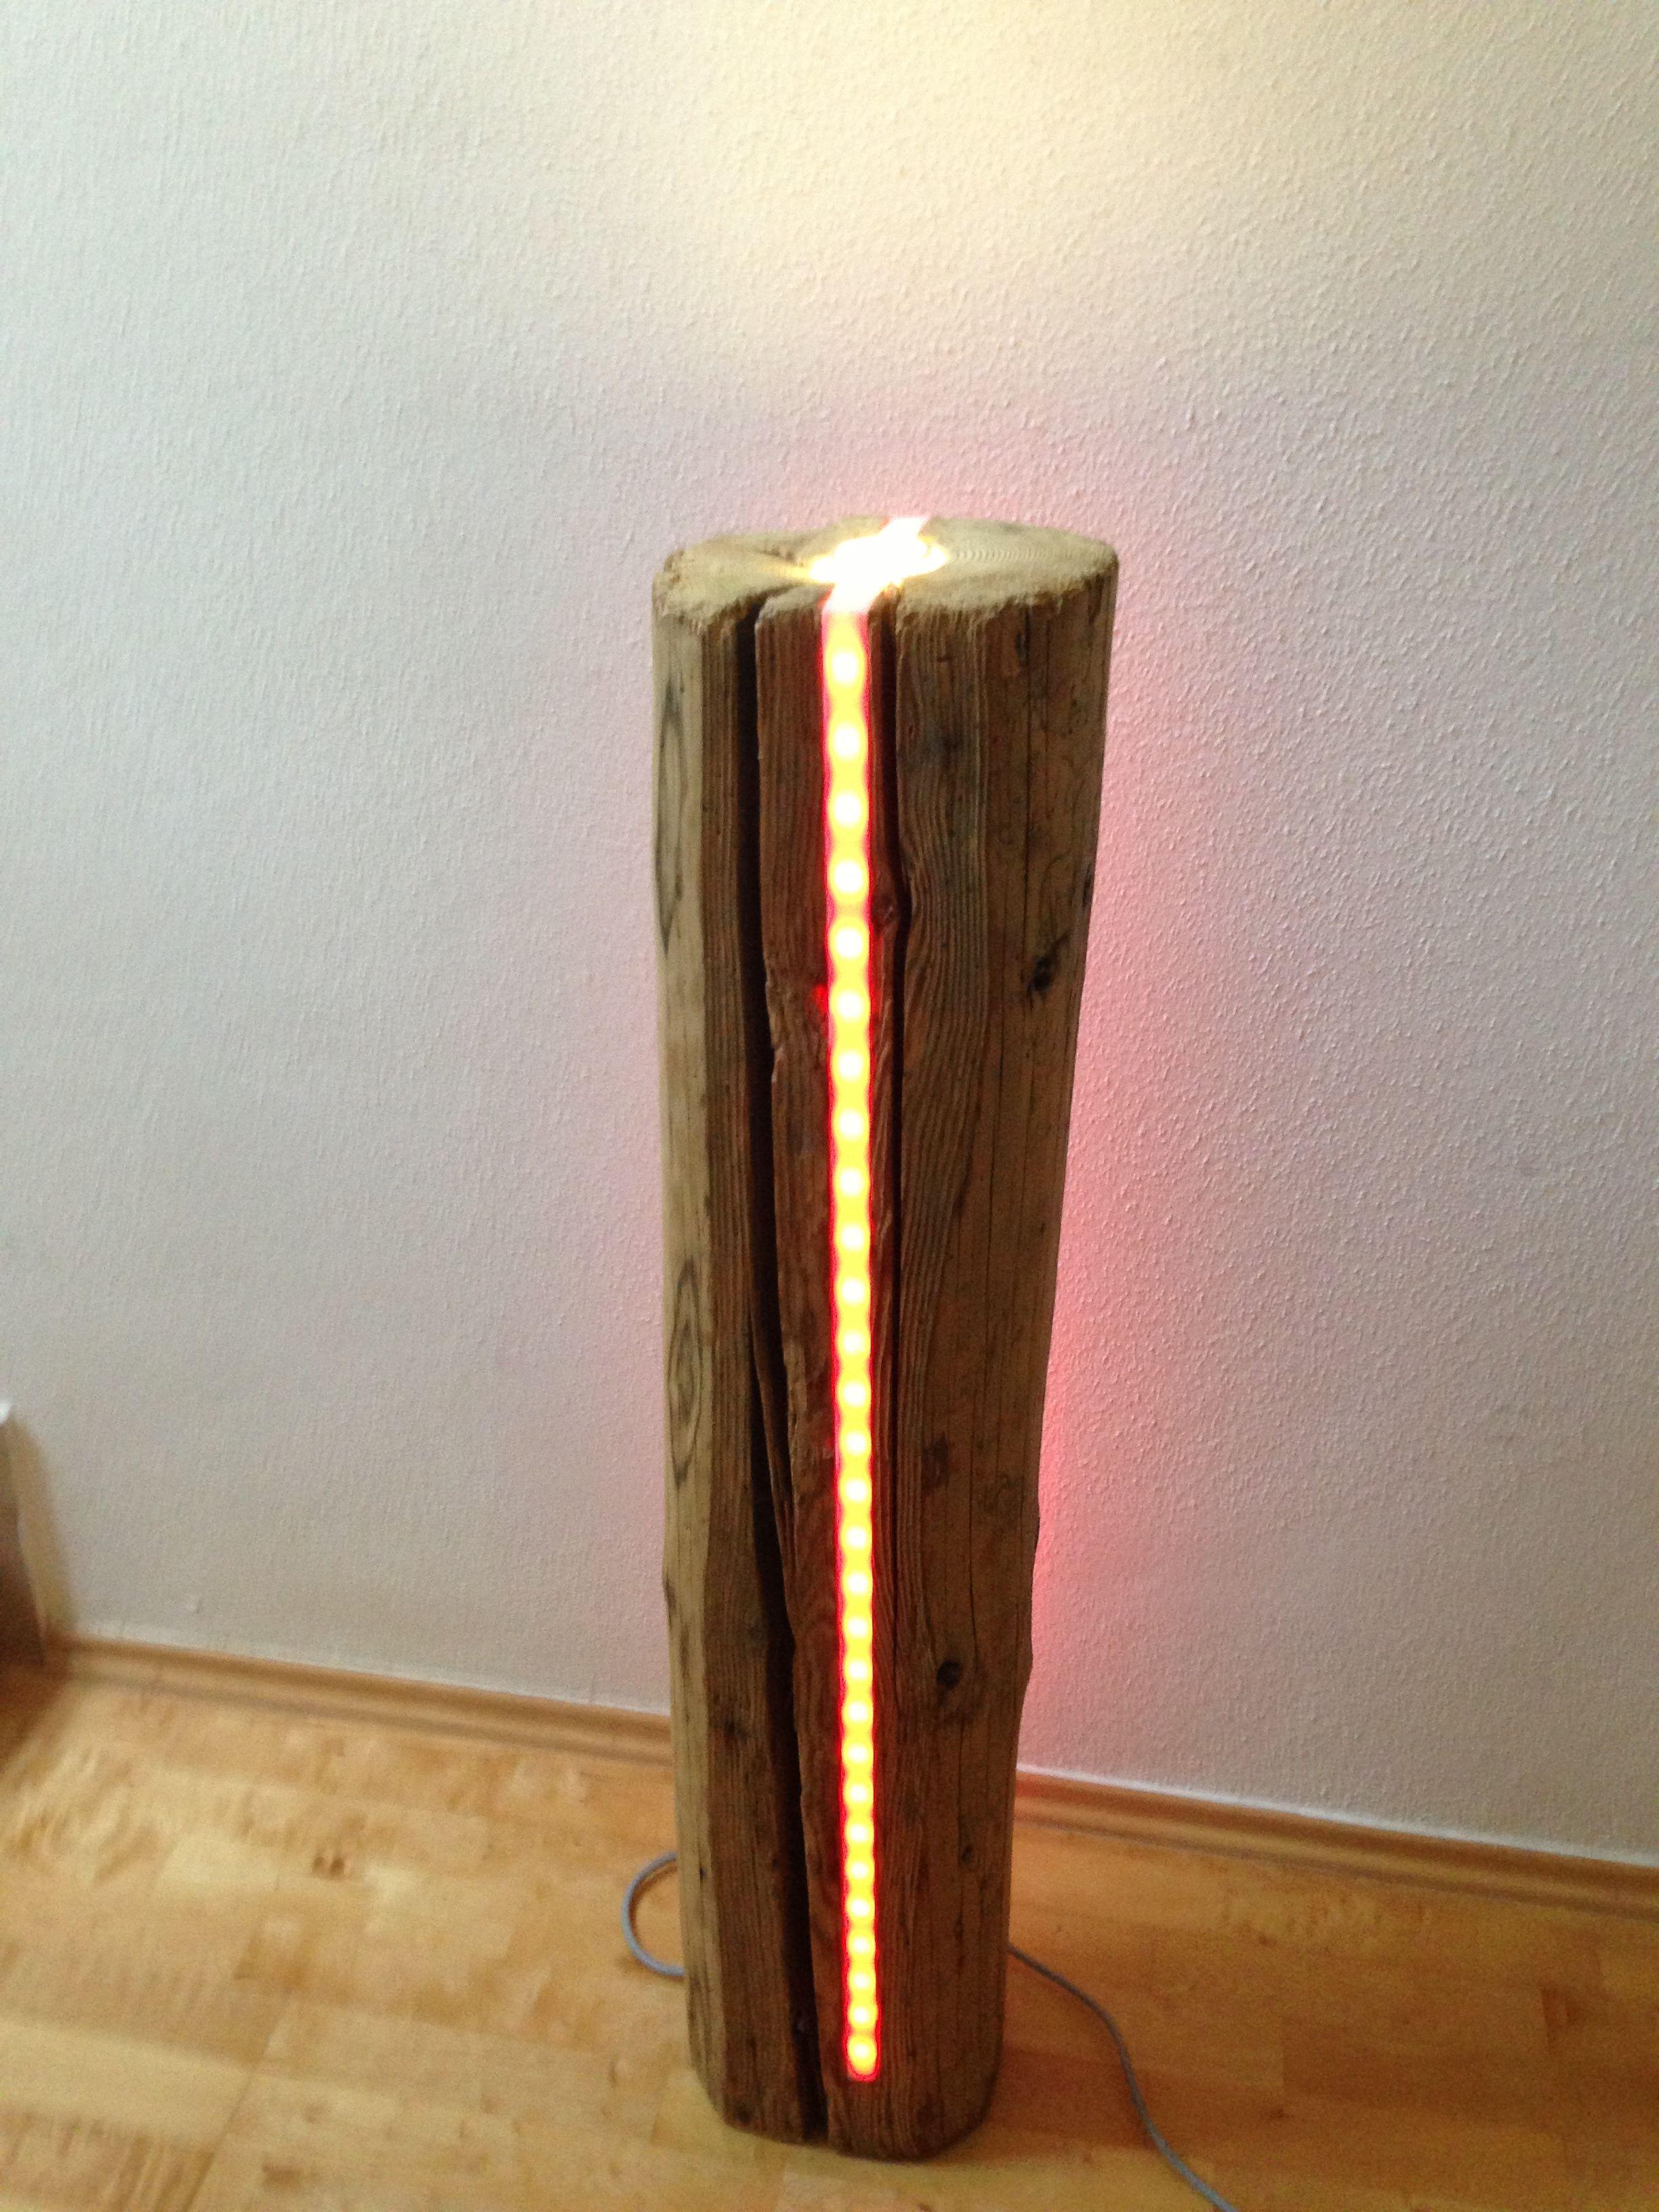 Deko Led Lampe Aus Sehr Altem Holz Lichtsaule Mit